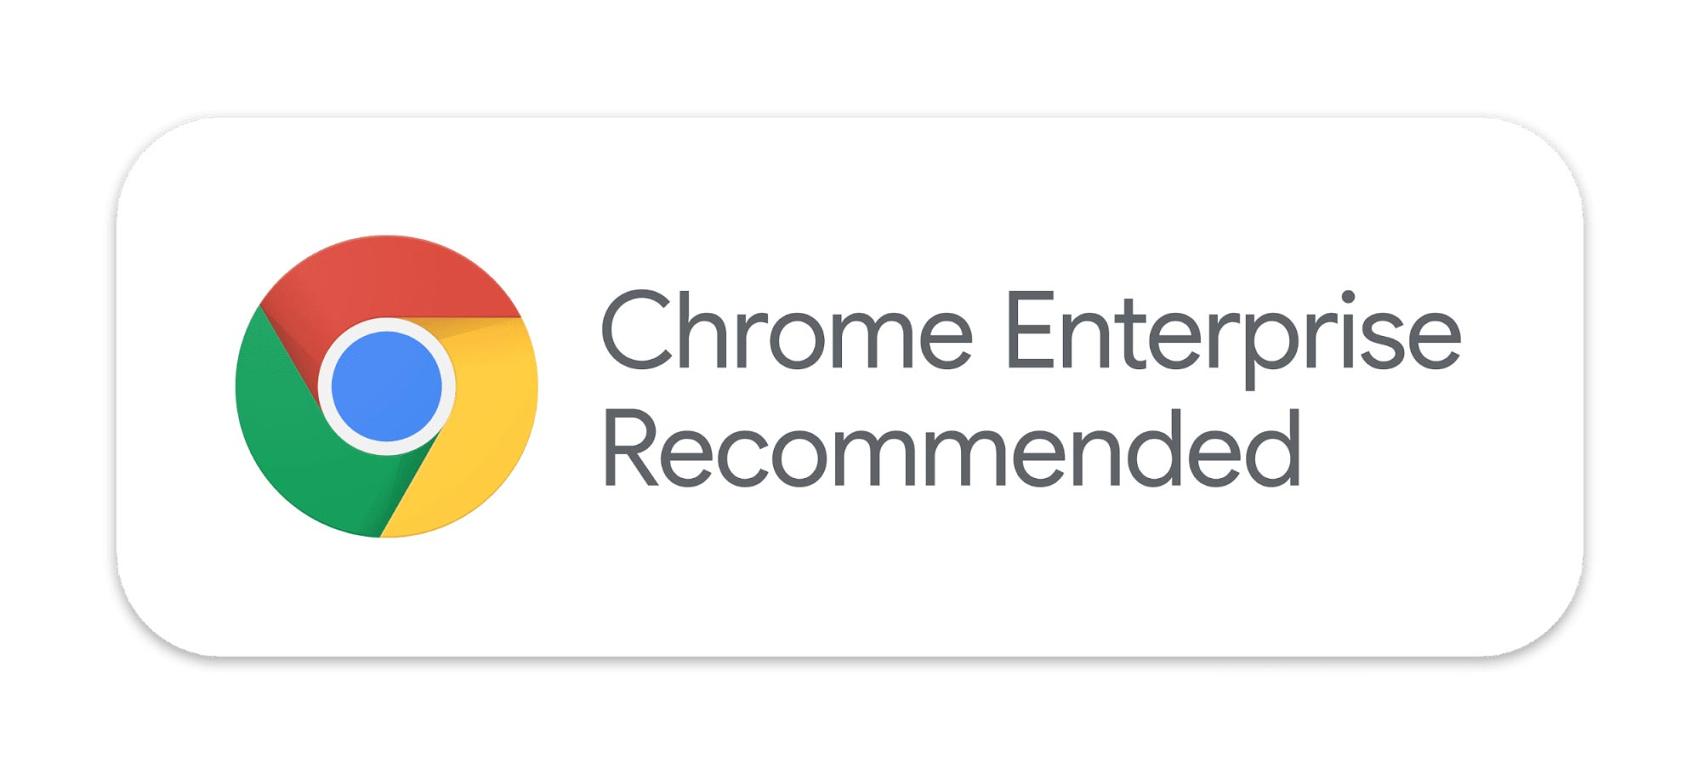 chrome enterprise reocmmended.jpg